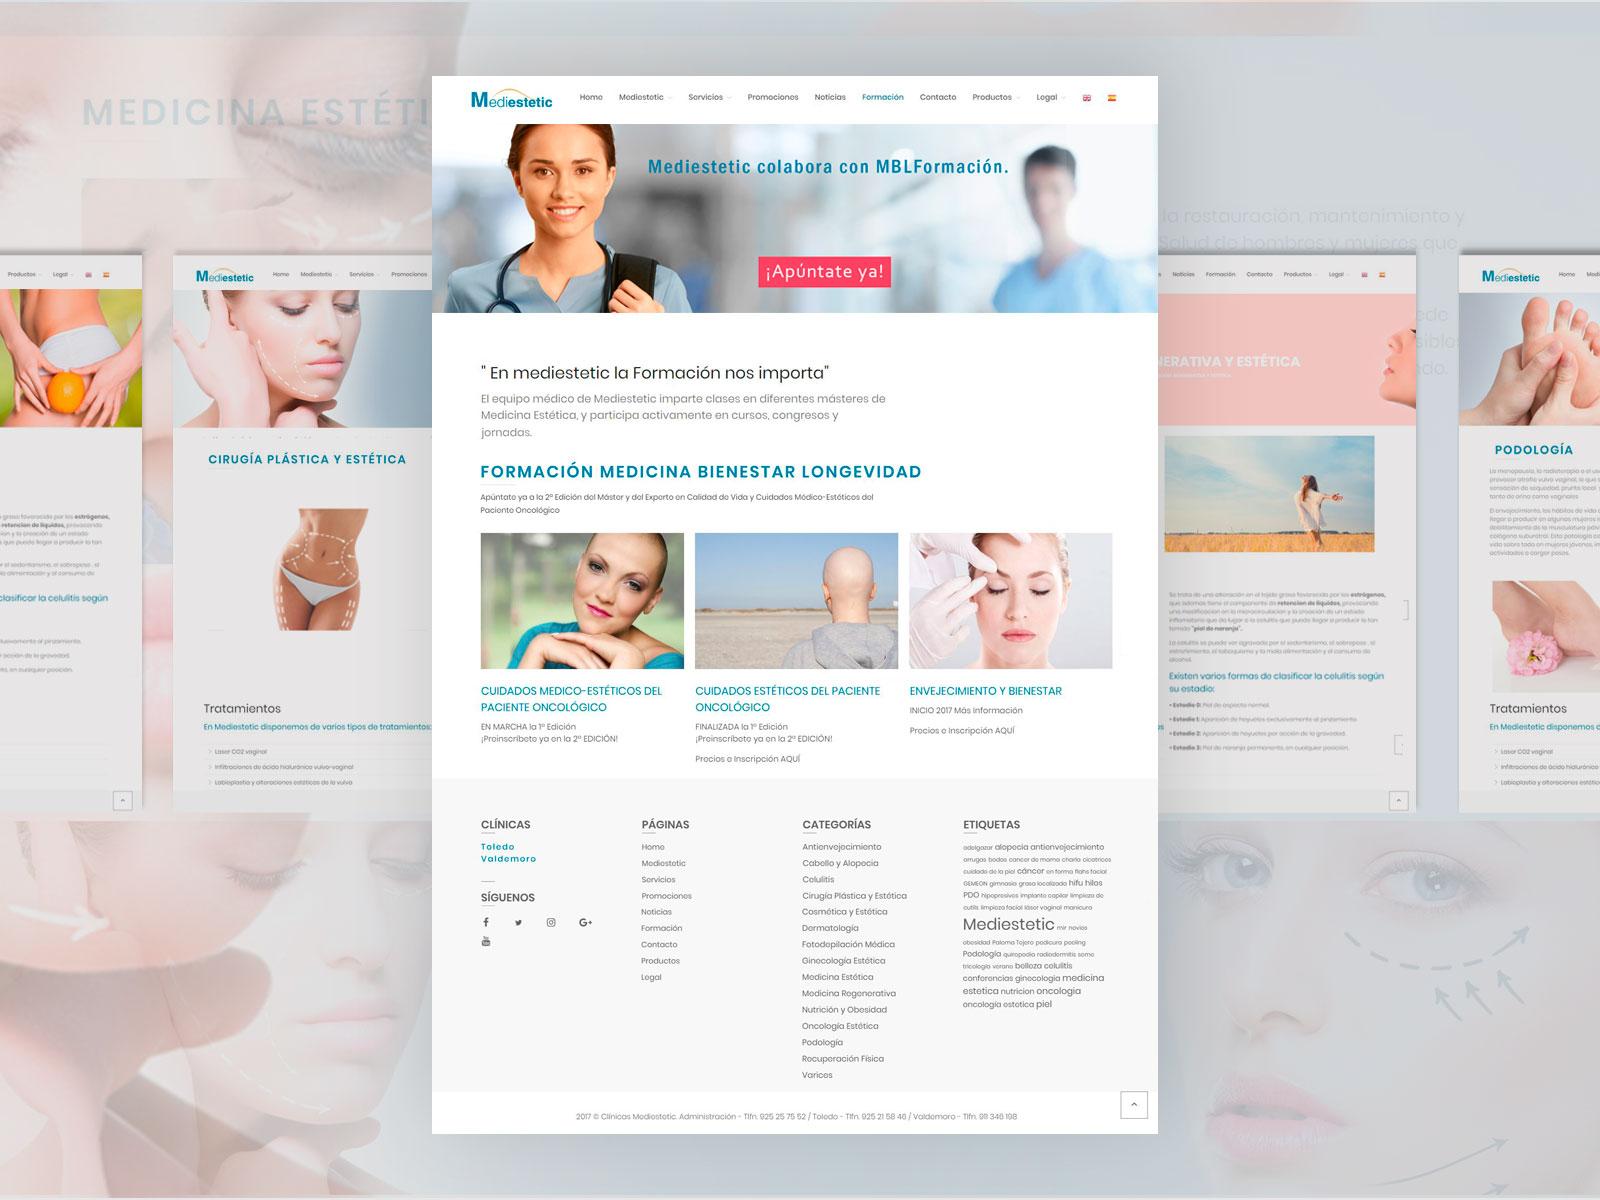 Diseño Gráfico diseño pagina web anadesign toledo